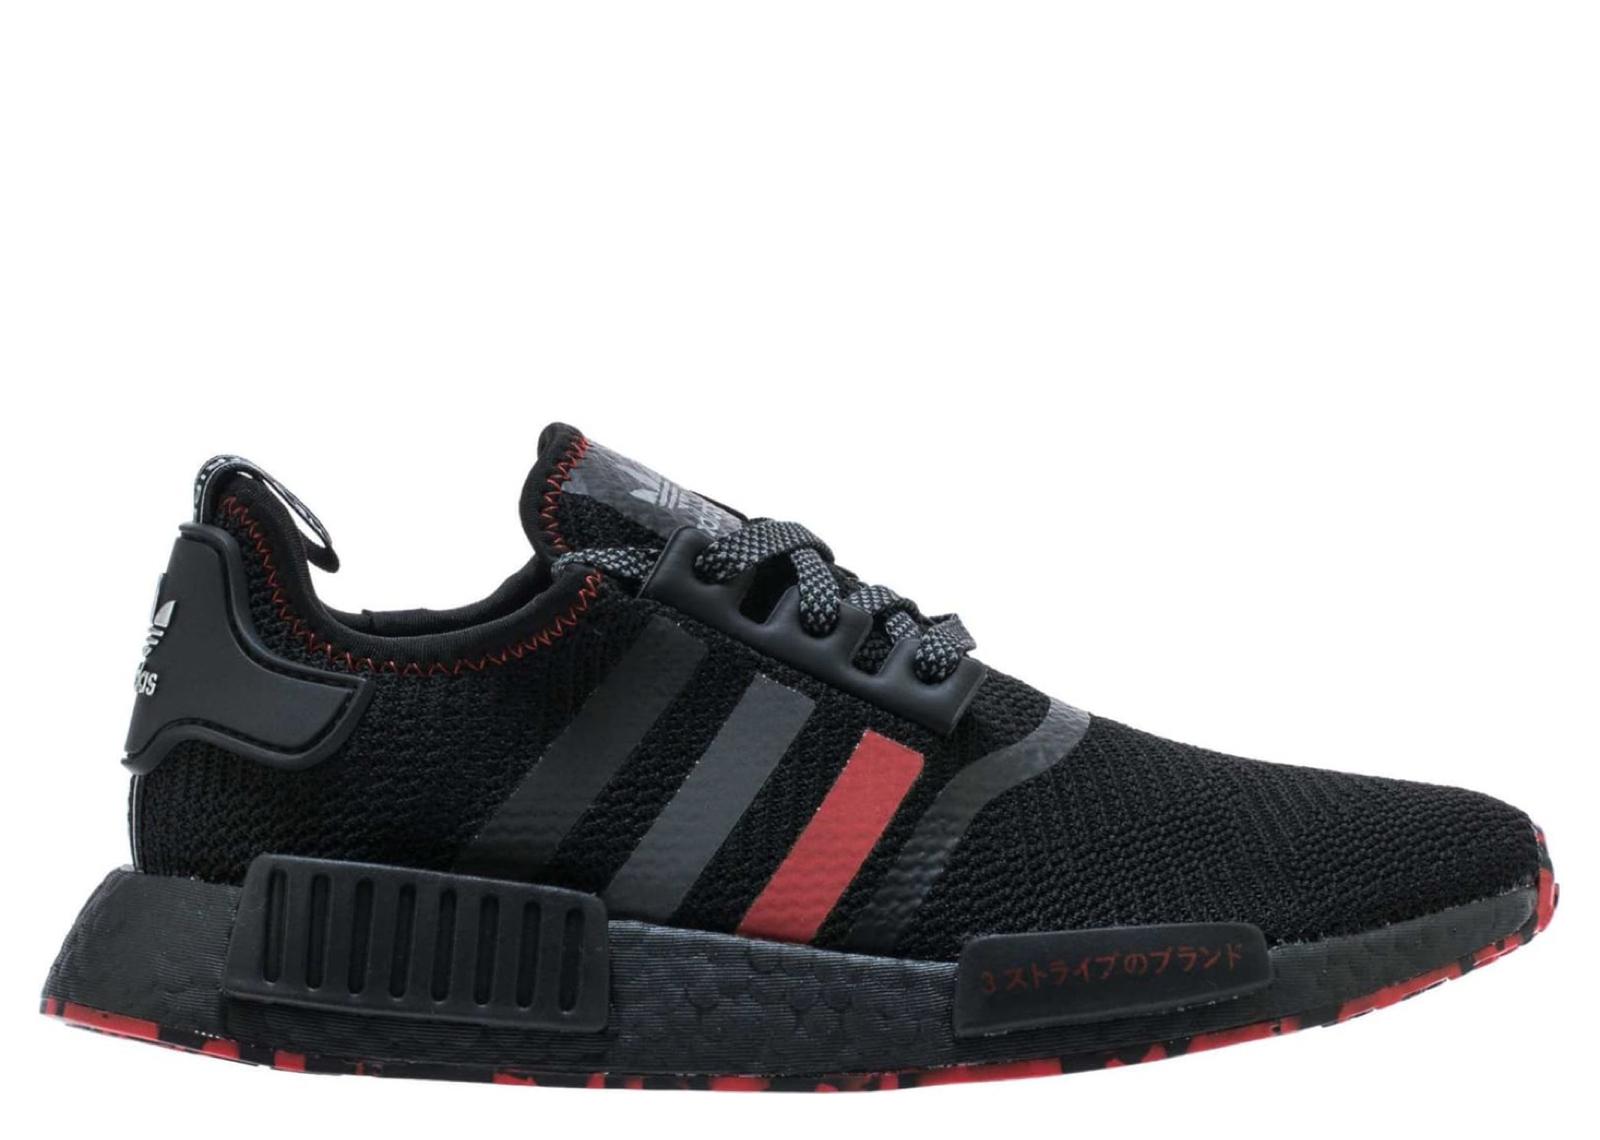 cc0a1907dc262 Kick Avenue - Authentic Sneakers